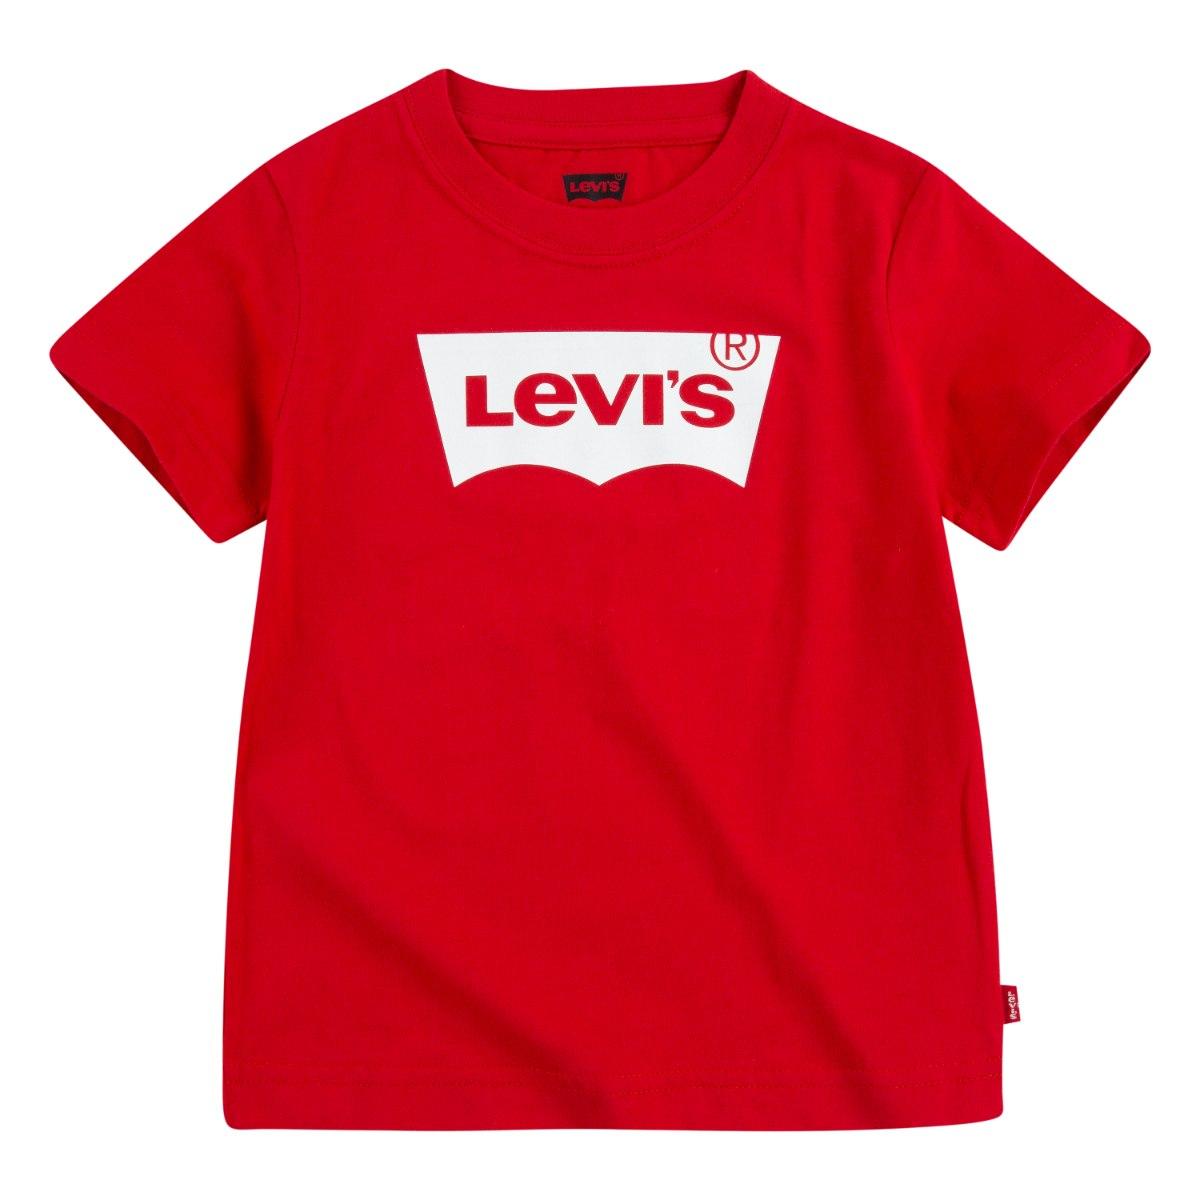 טי שירט אדומה לוגו LEVIS לבן - 1-7 שנים